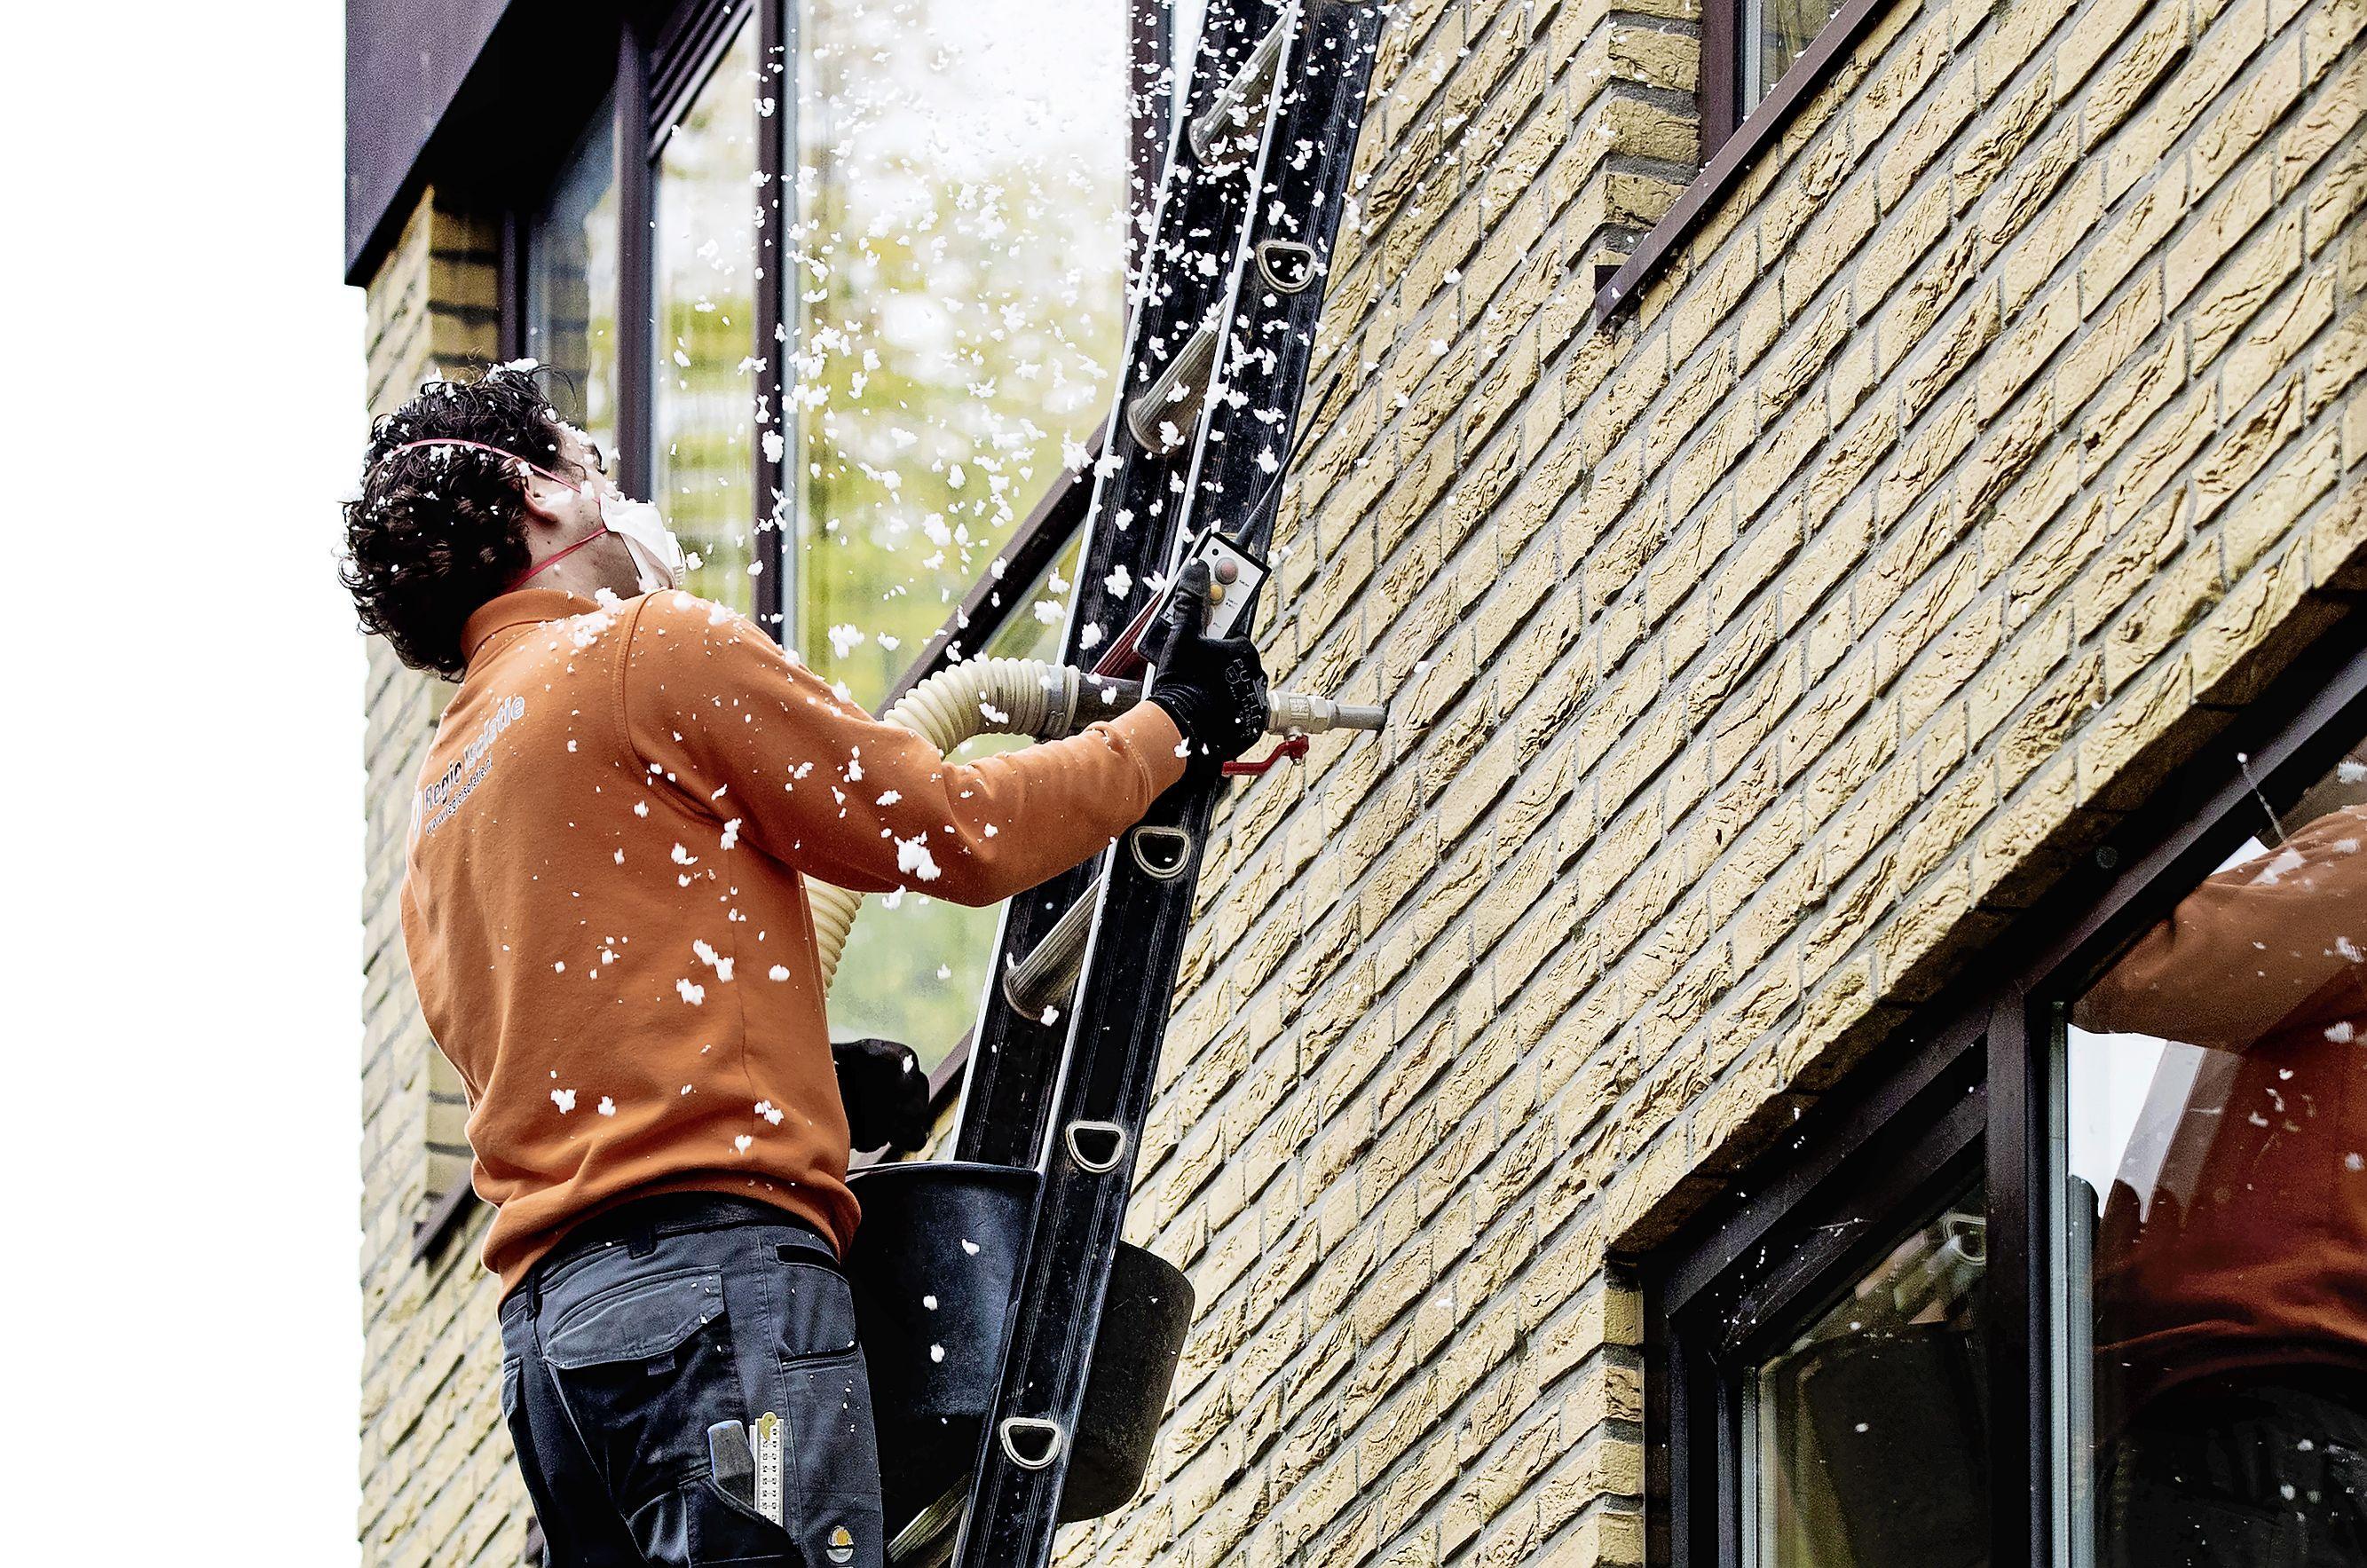 Tussen 2040 en 2050 gaan in Hollands Kroon de oudste huizen van het aardgas af. Maar hoe en hoe snel moet het?